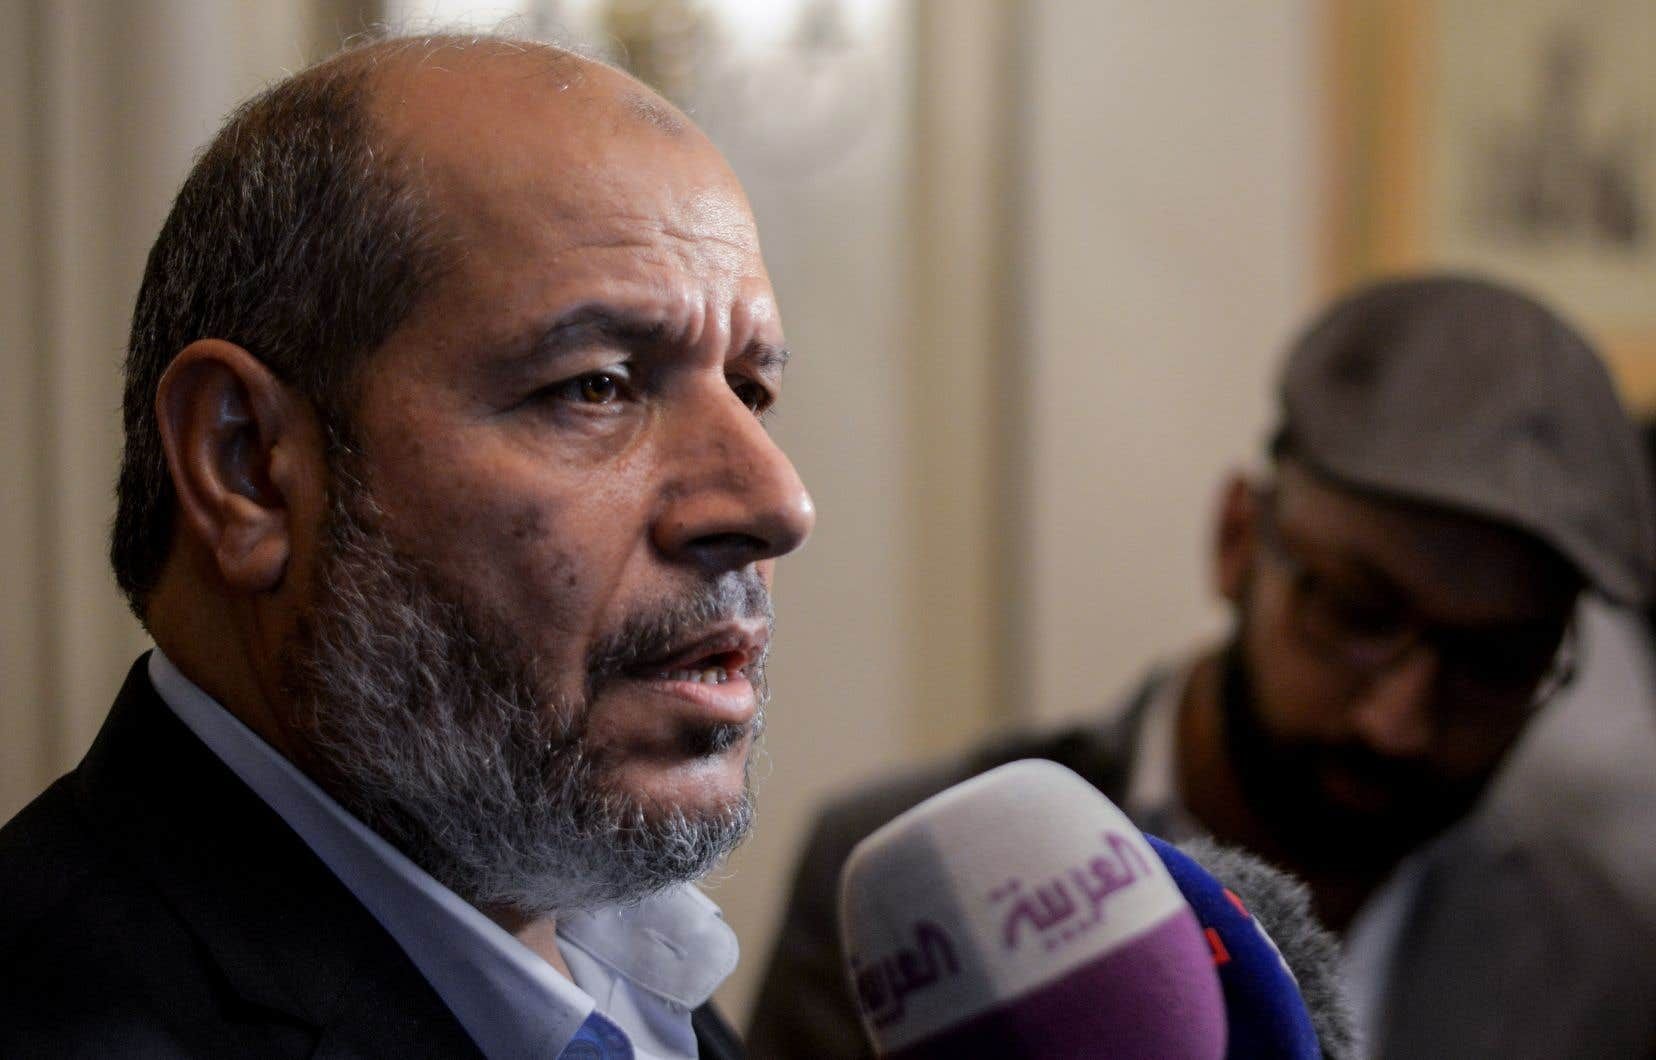 Le leader du Hamas, Khalil al-Hayya, lors d'une conférence de presse au Caire, en Égypte, le 22 novembre dernier